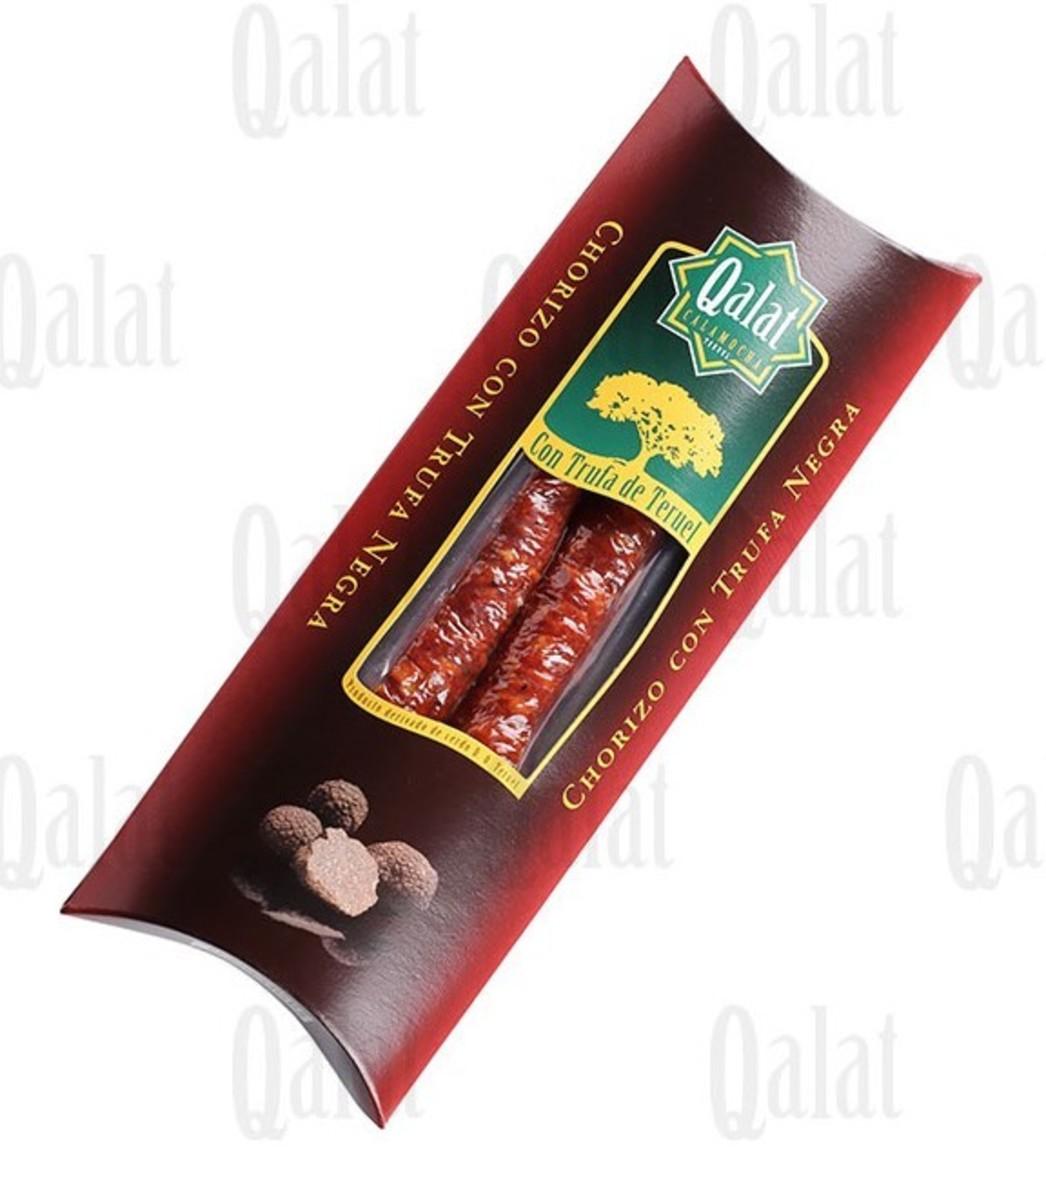 Chorizo con trufa negra Qalat